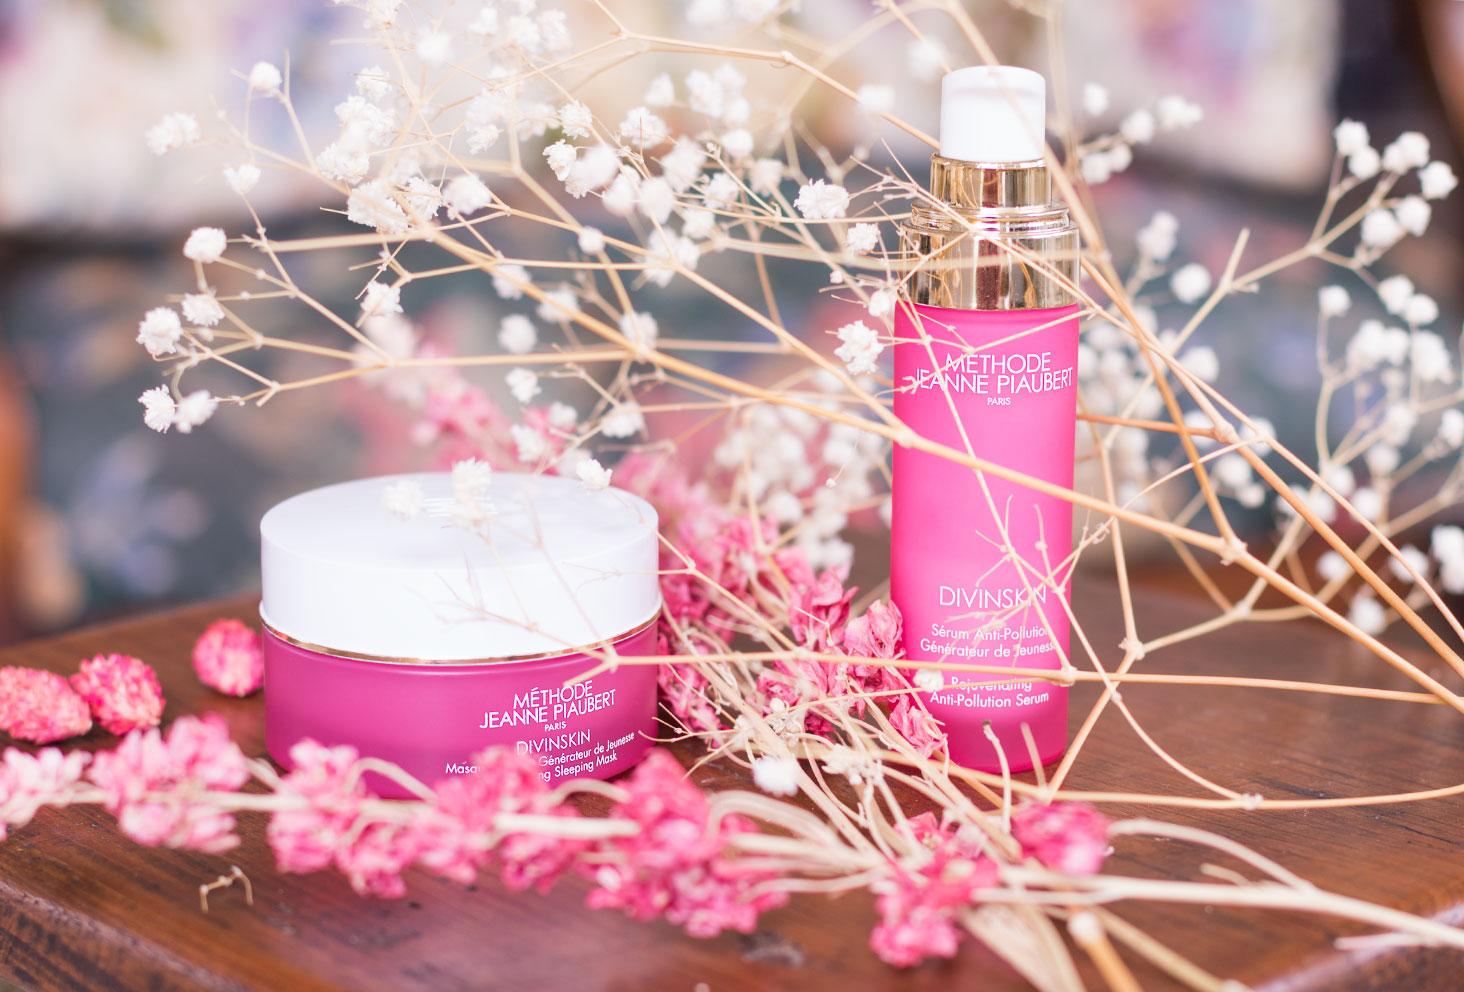 Les packagings roses en verre du sérum et du masque de nuit de la Méthode Jeanne Piaubert au milieu des fleurs séchées